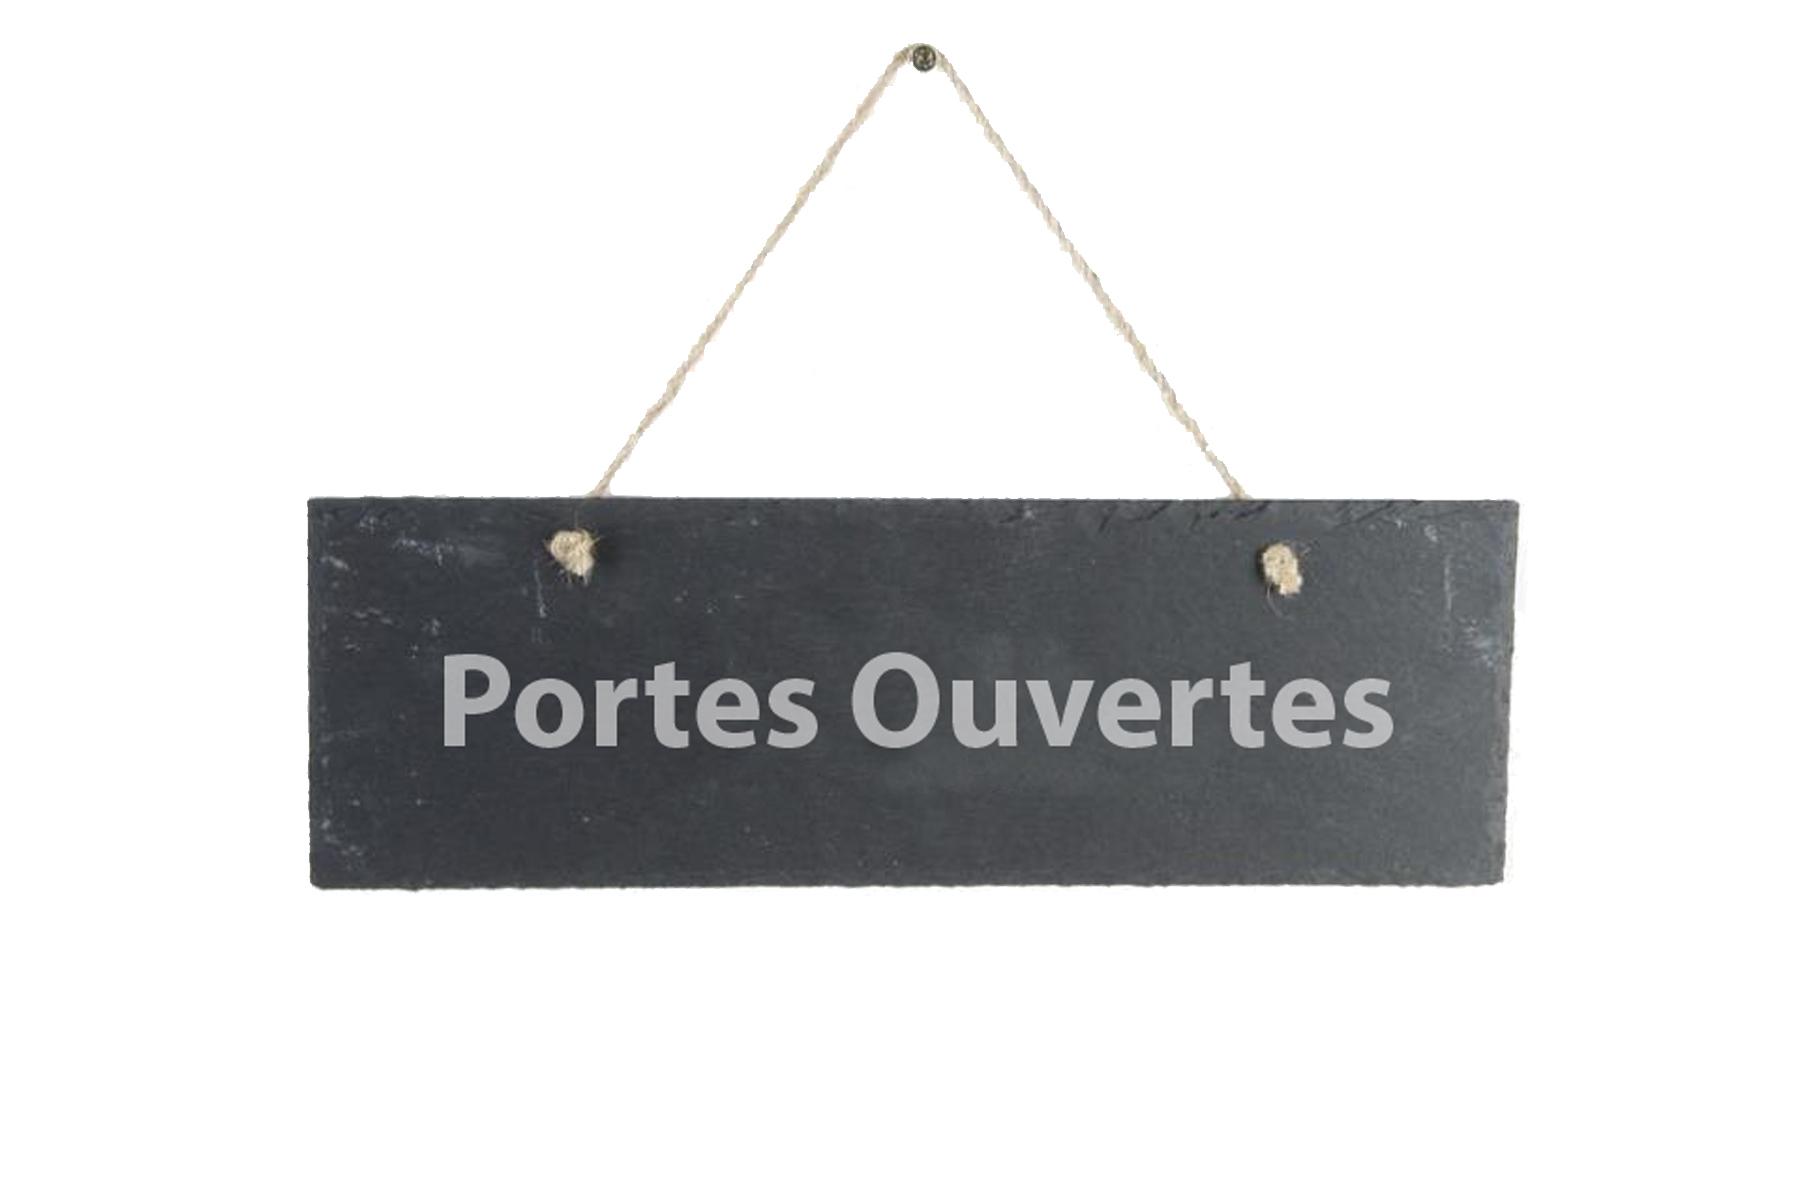 Porte ouverte dessin dessin porte ouverte vecteurs et for Porte ouverte dessin